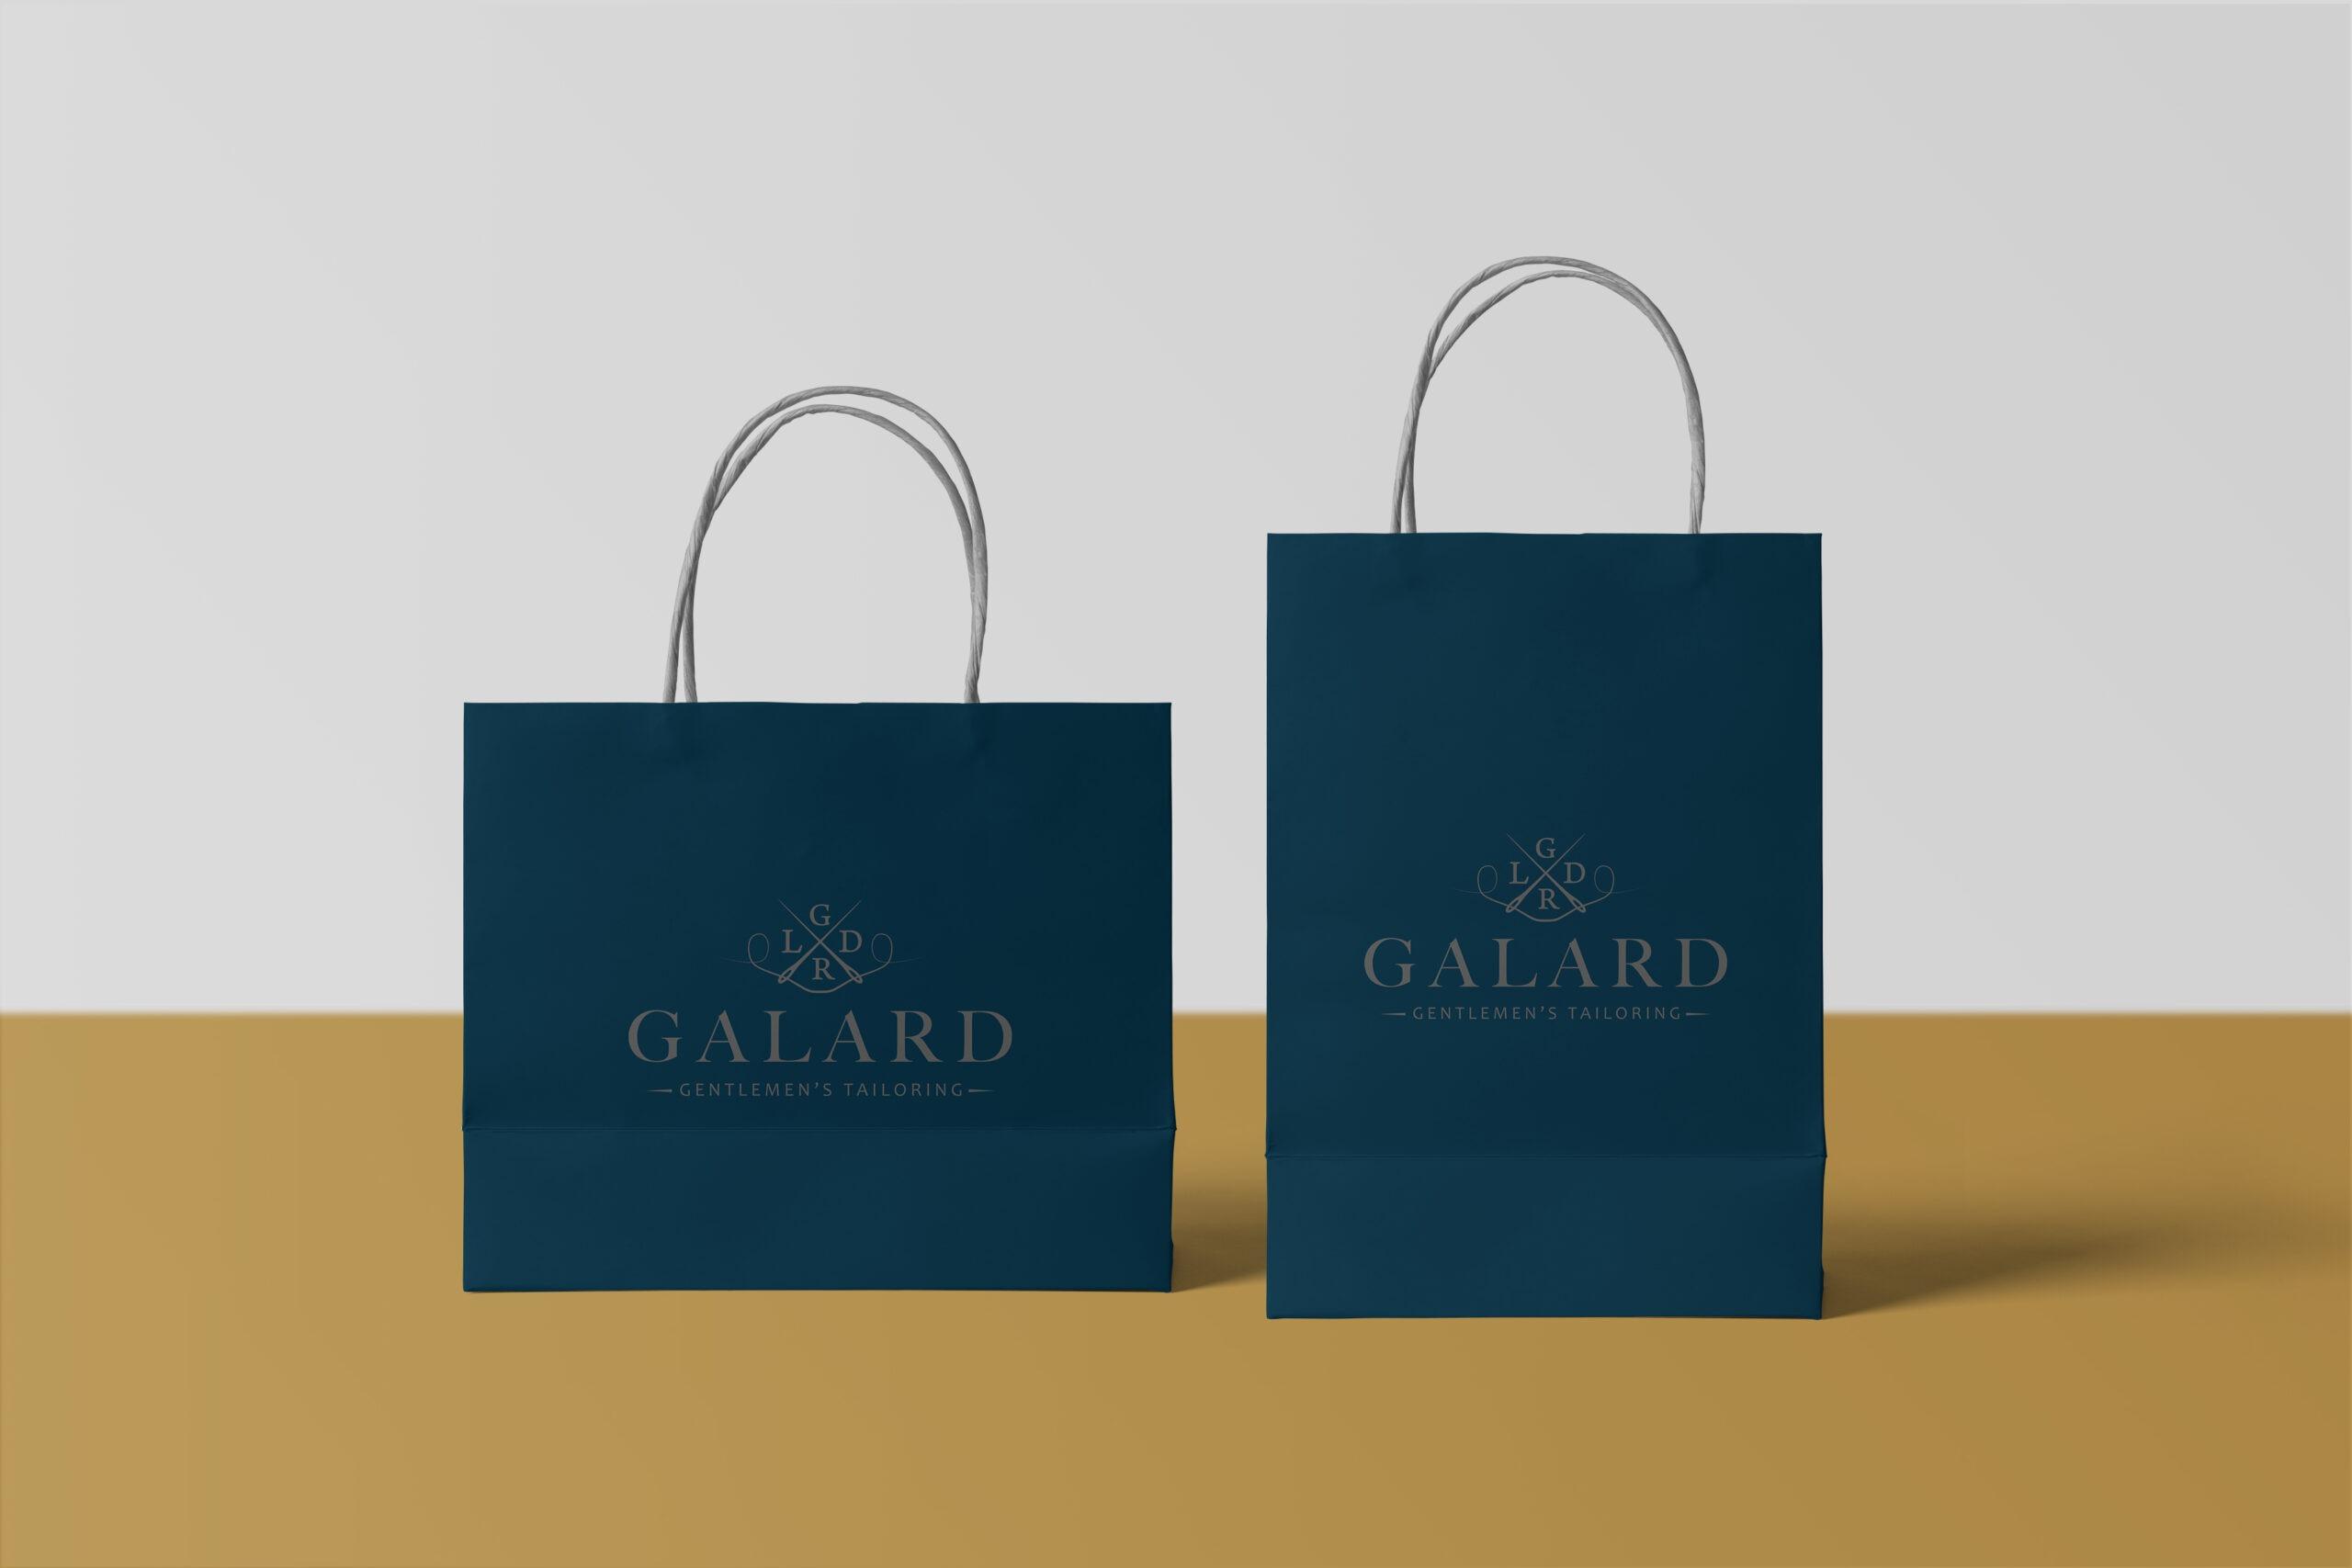 Galard vizuální identita mockup